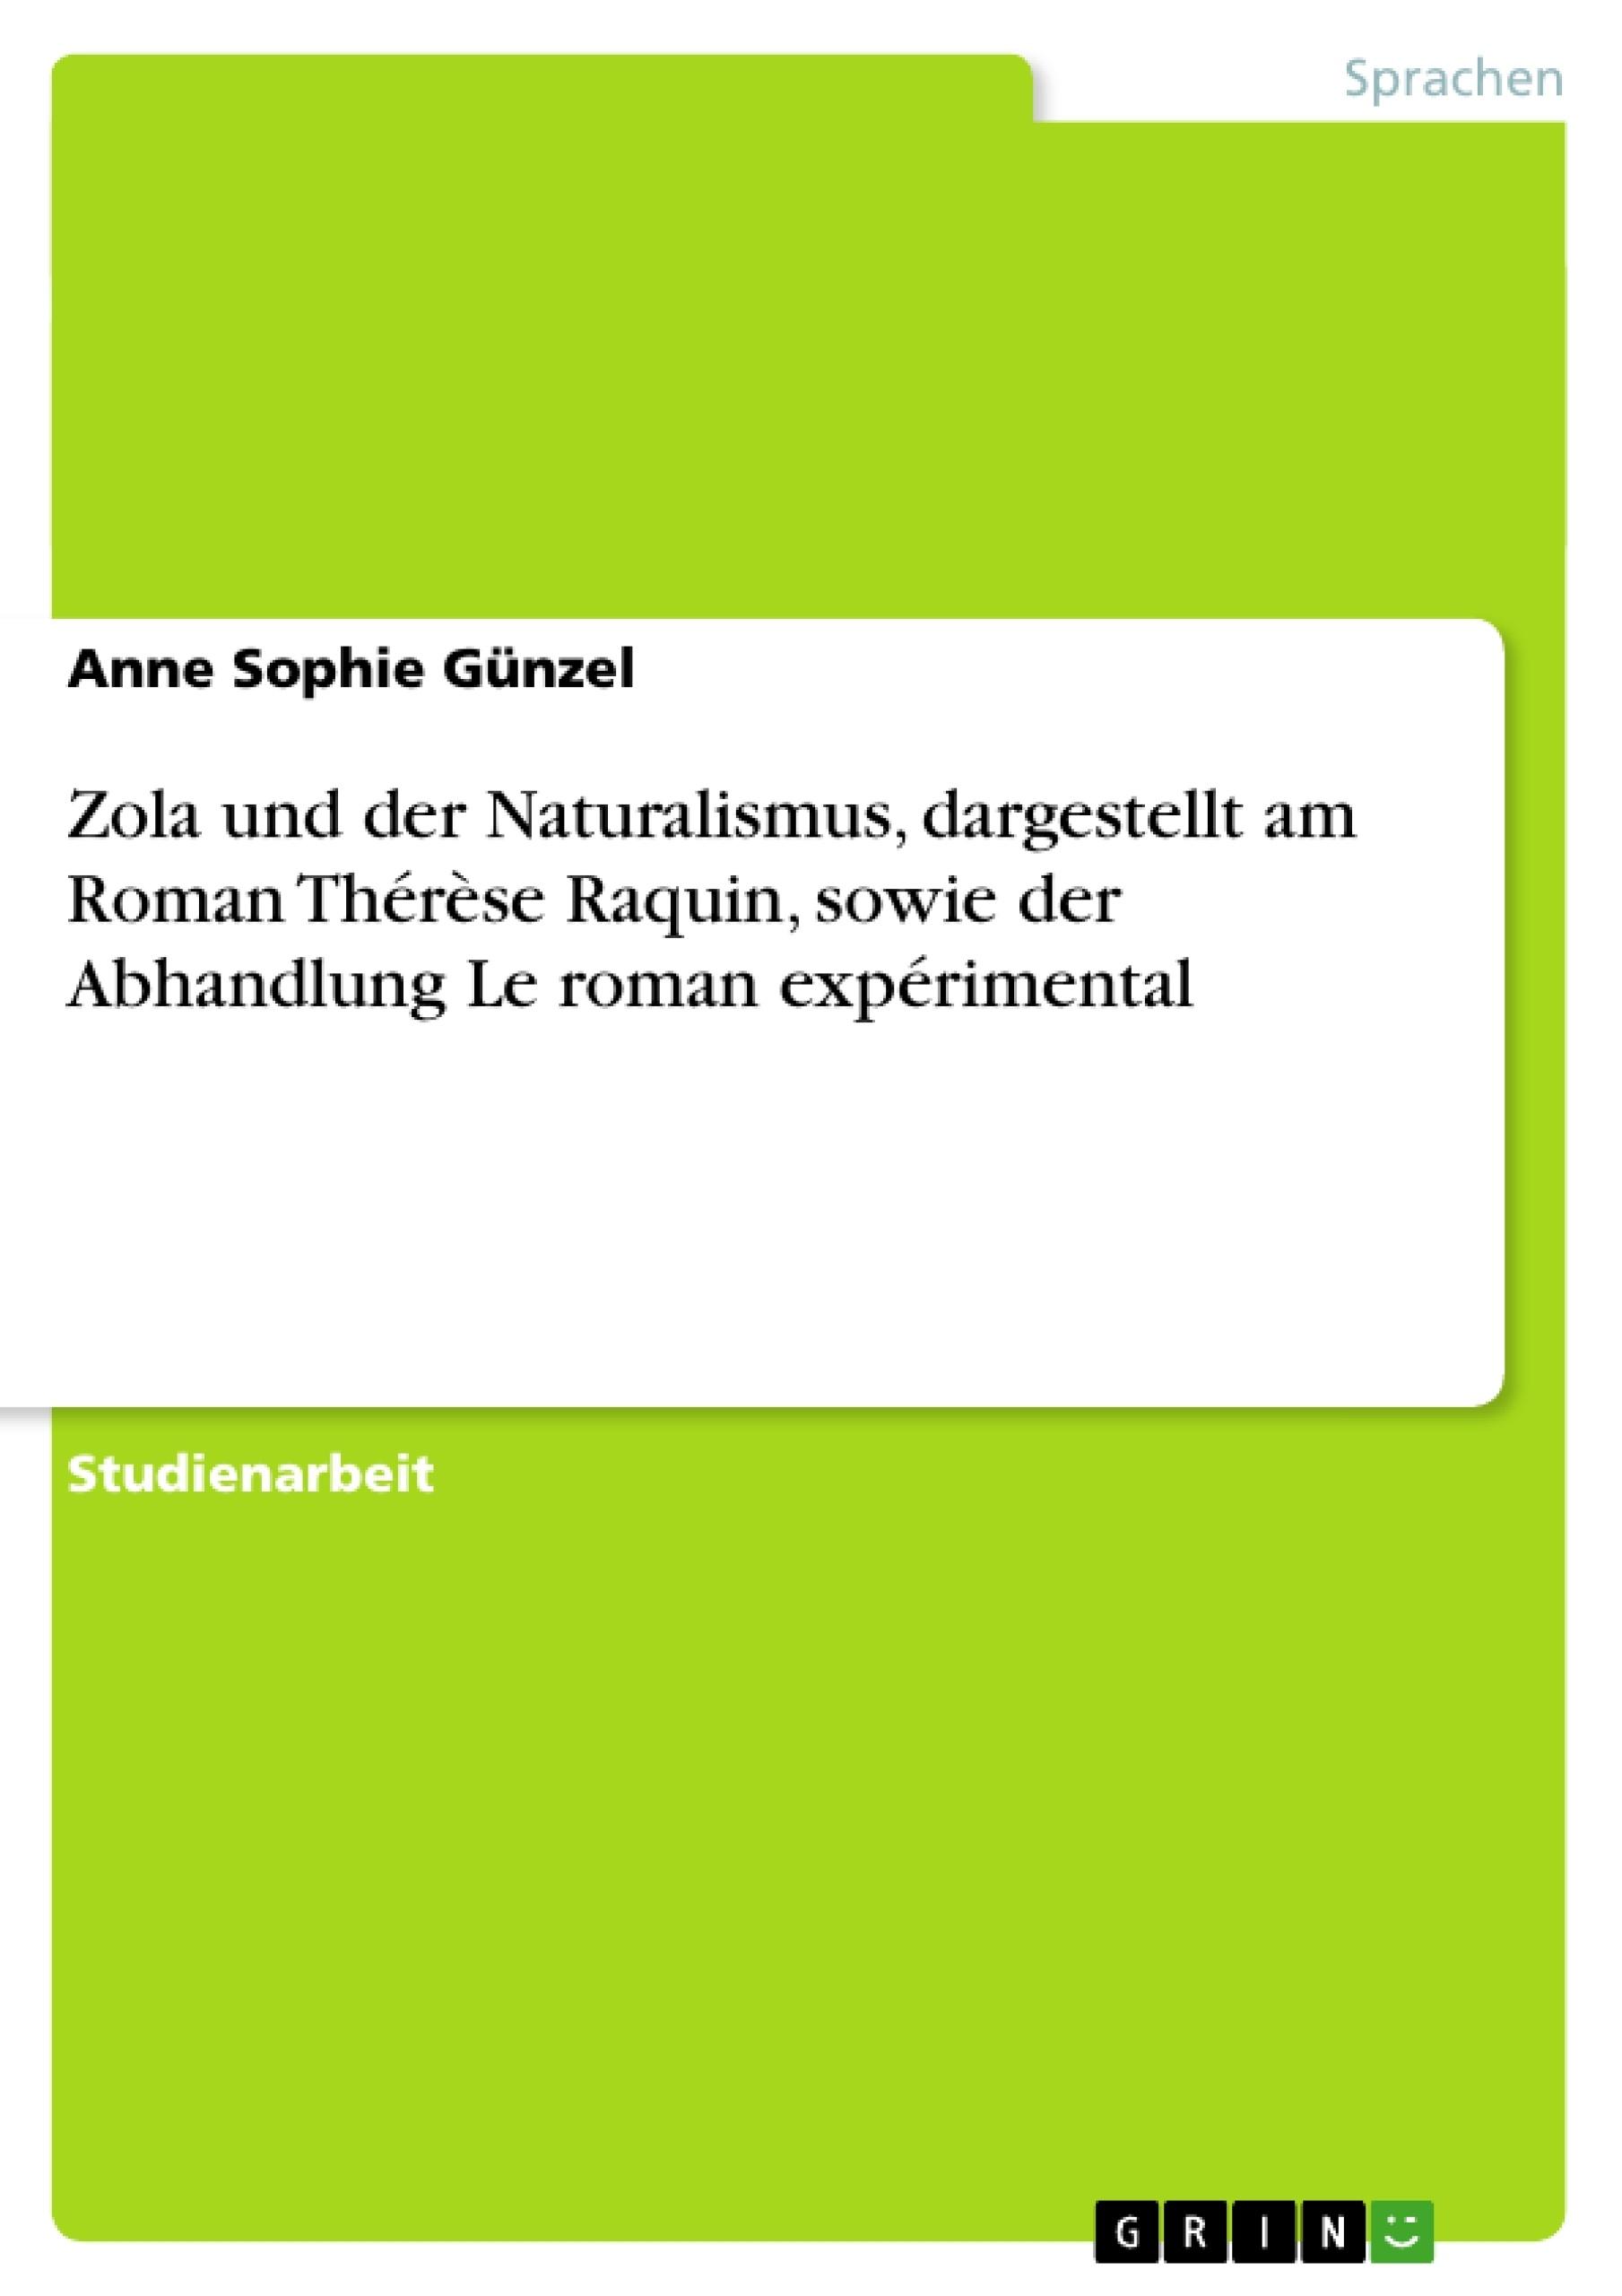 Titel: Zola und der Naturalismus, dargestellt am Roman Thérèse Raquin, sowie der Abhandlung Le roman expérimental